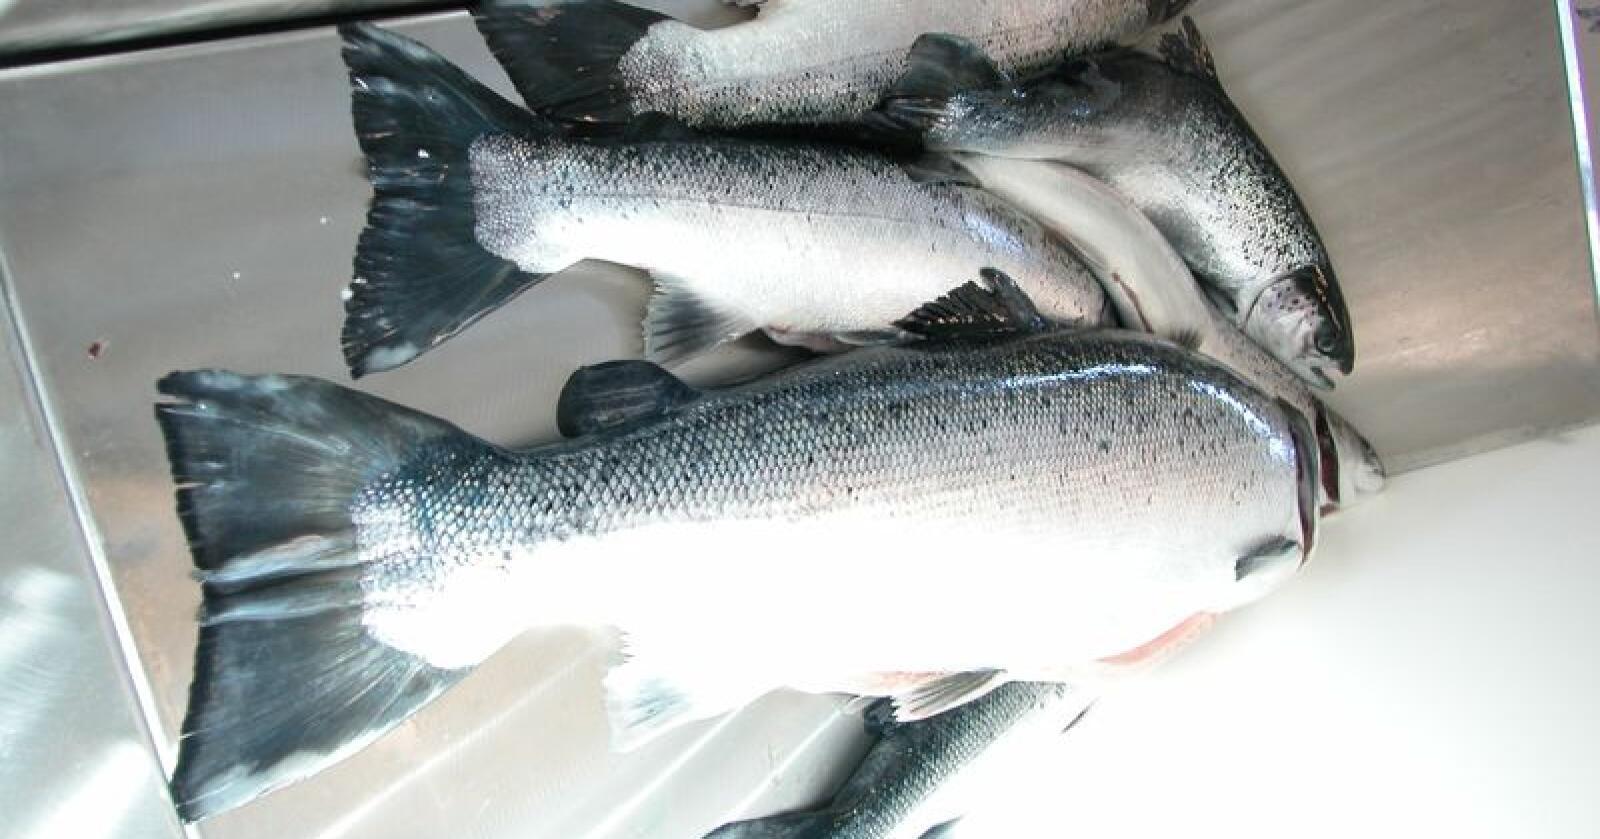 Det ble klassifisert totalt 0,5 prosent oppdrett i det analyserte materialet for hele sportsfiskesesongen 2018. (Arkivfoto)